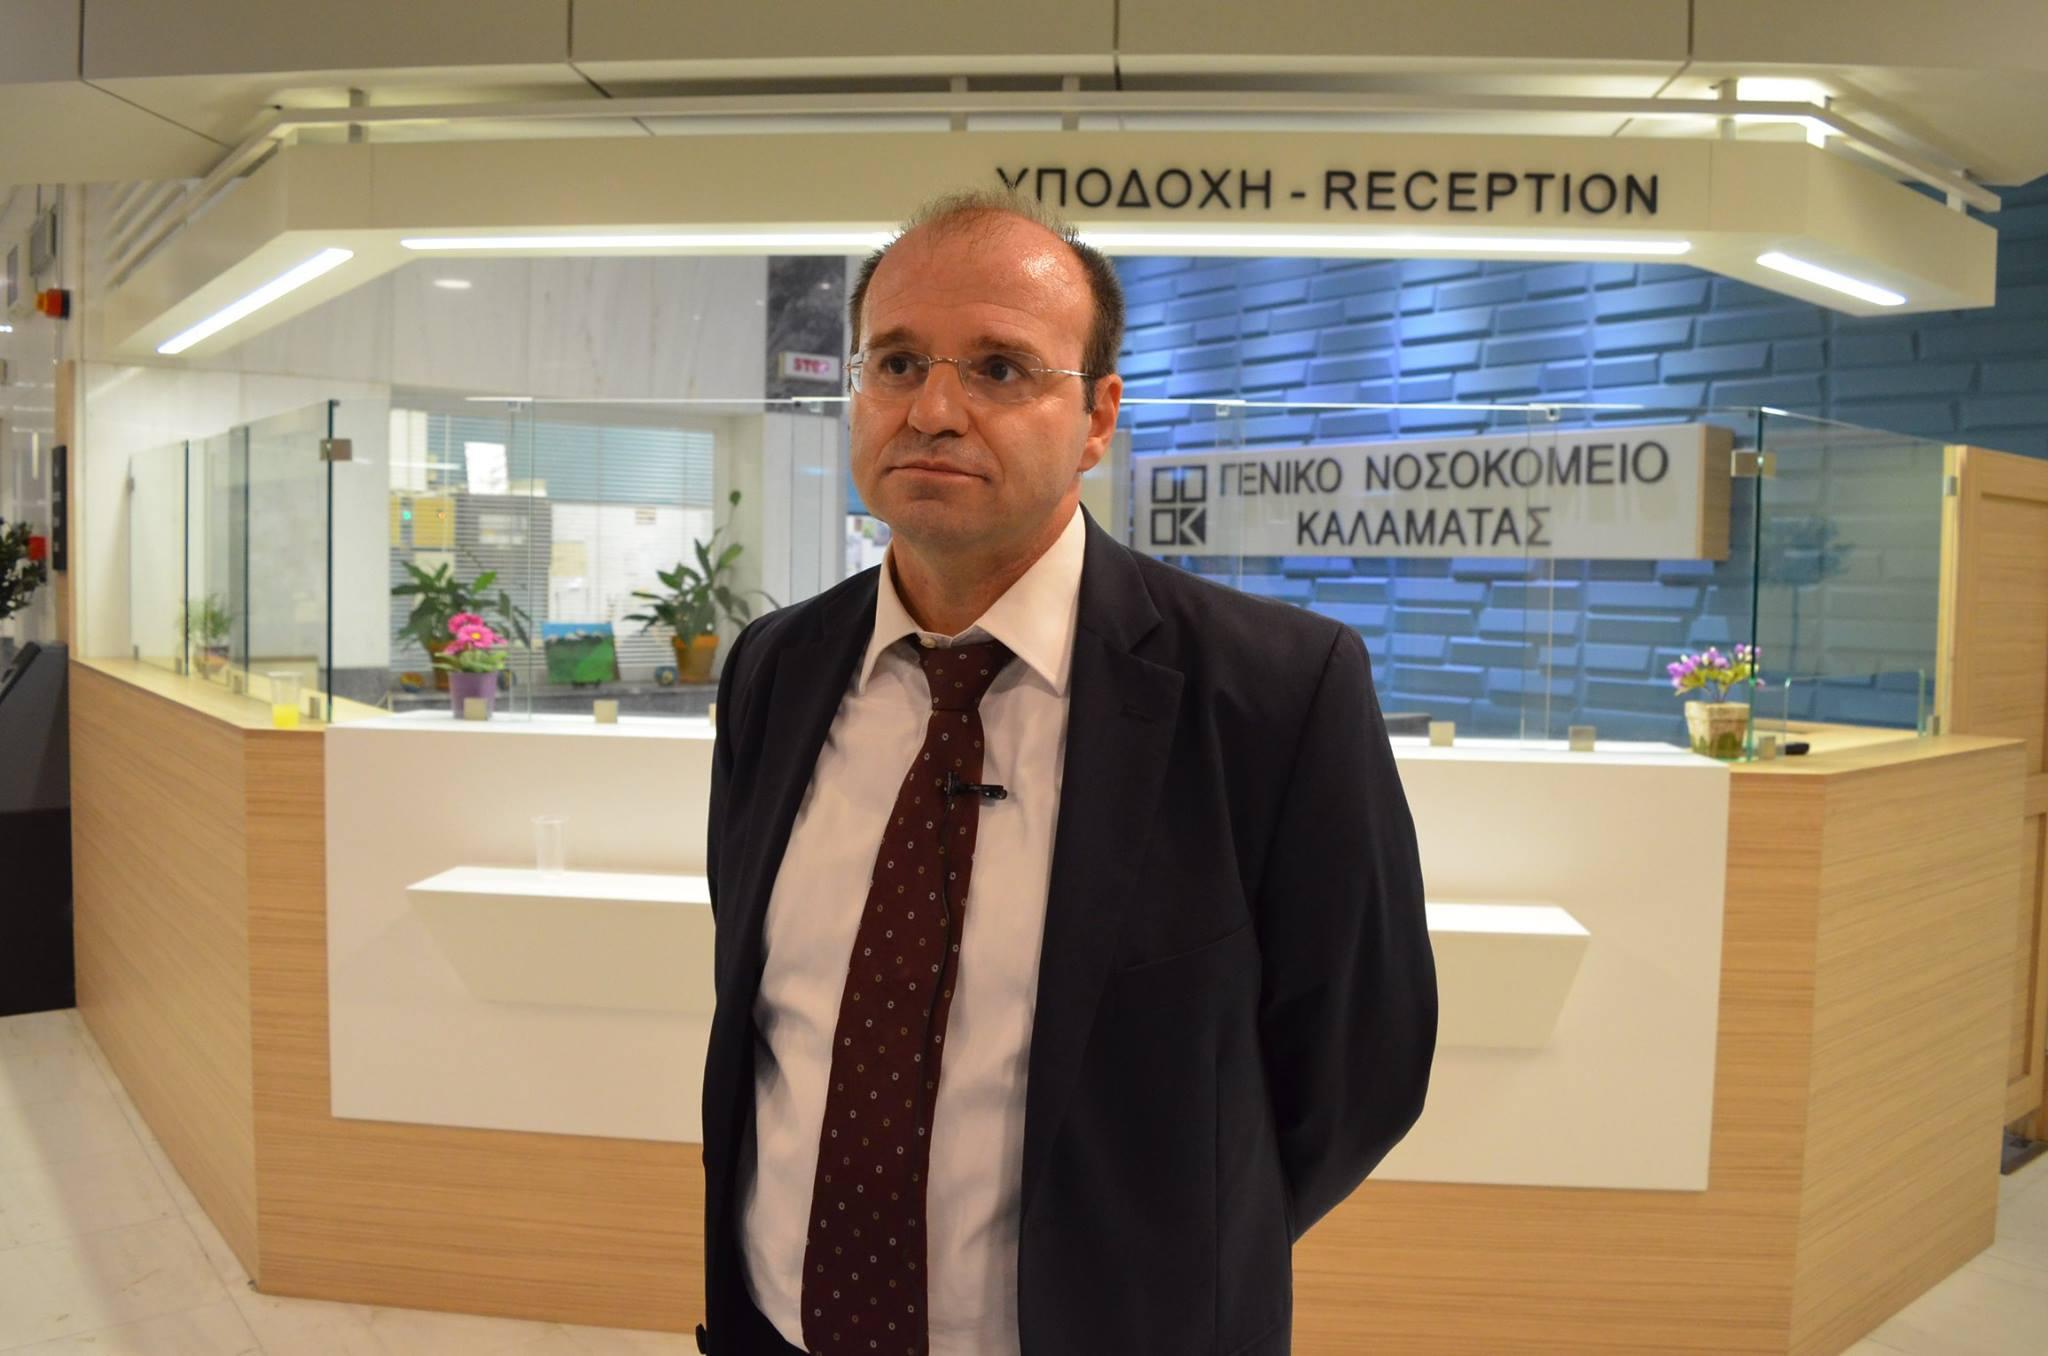 Απάντηση του Διοικητή του Νοσοκομείου στην ανακοίνωση της ΠΟΕΔΗΝ για το Νοσοκομείο Κυπαρισσίας